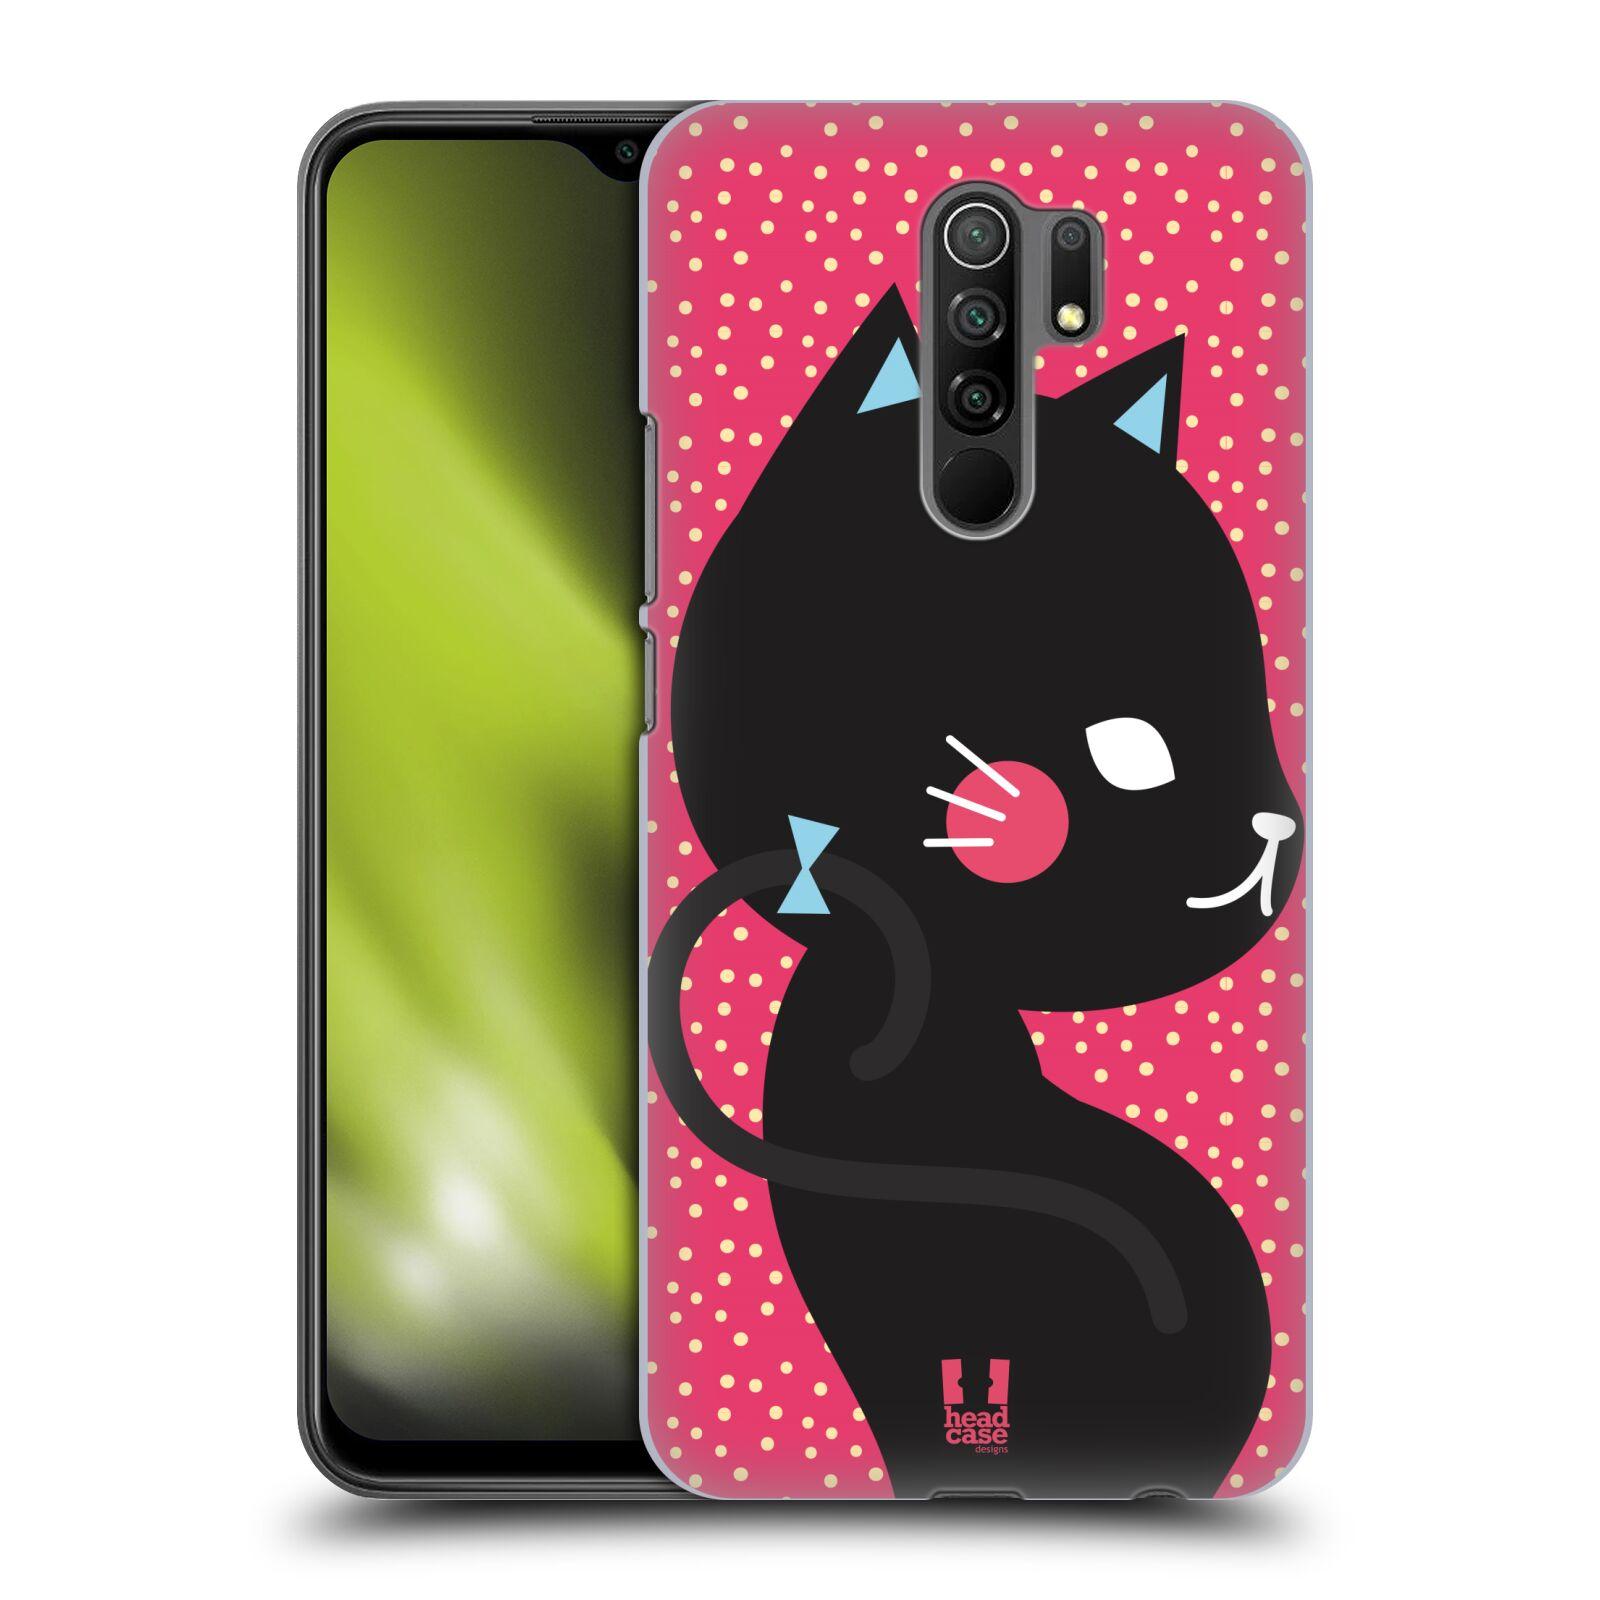 Plastové pouzdro na mobil Xiaomi Redmi 9 - Head Case - KOČIČKA Černá NA RŮŽOVÉ